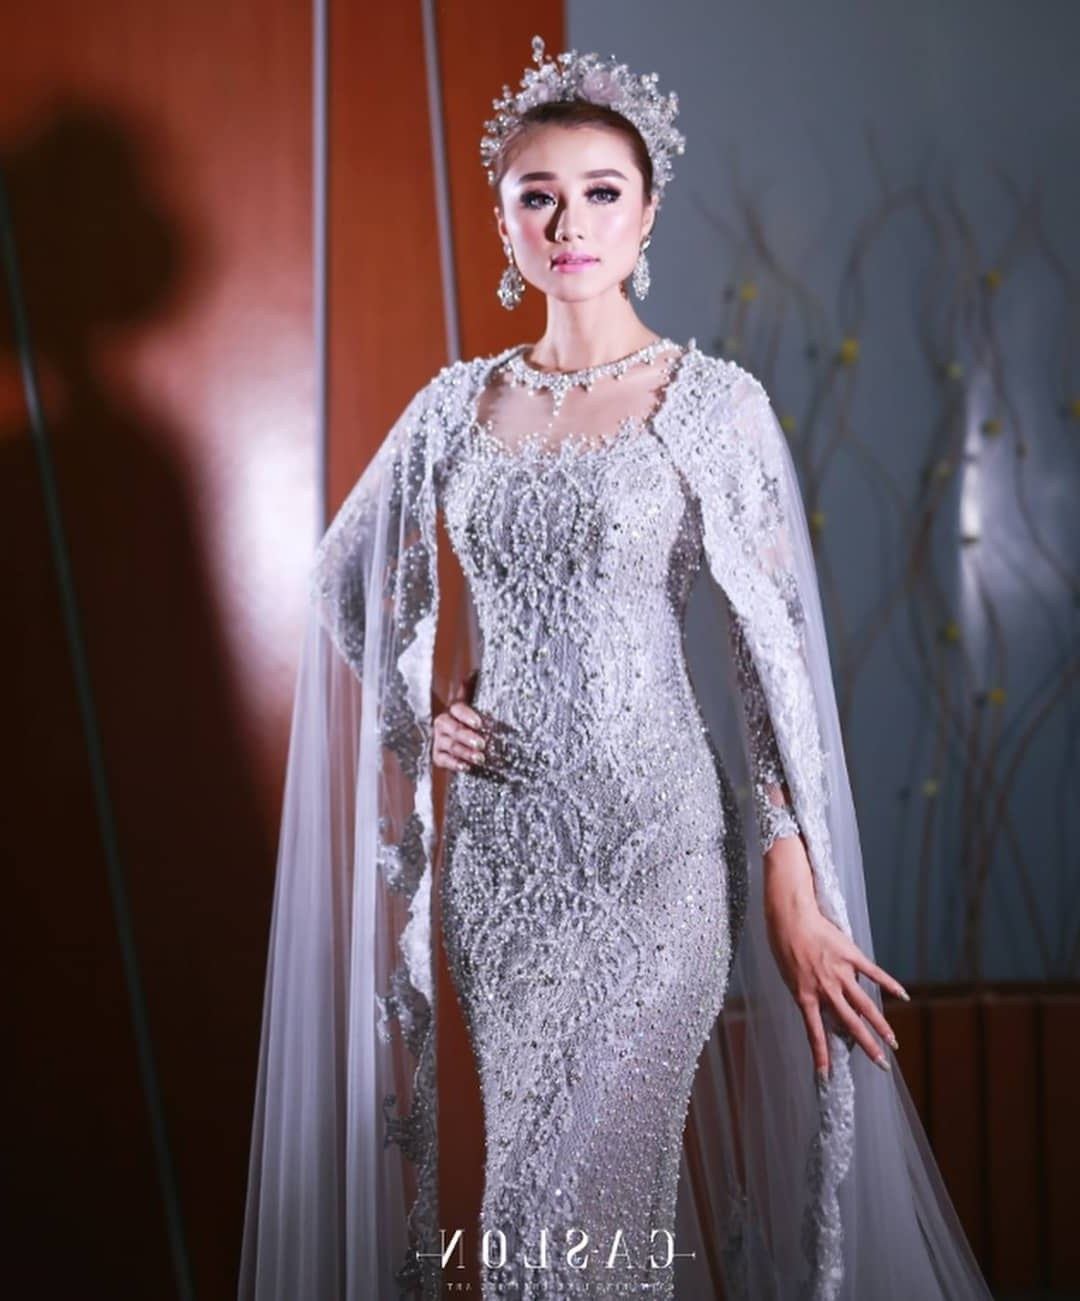 Bentuk Model Gamis Untuk Resepsi Pernikahan Zwdg 54 Model Kebaya Modern 2020 Inspirasi Wanita Terbaru